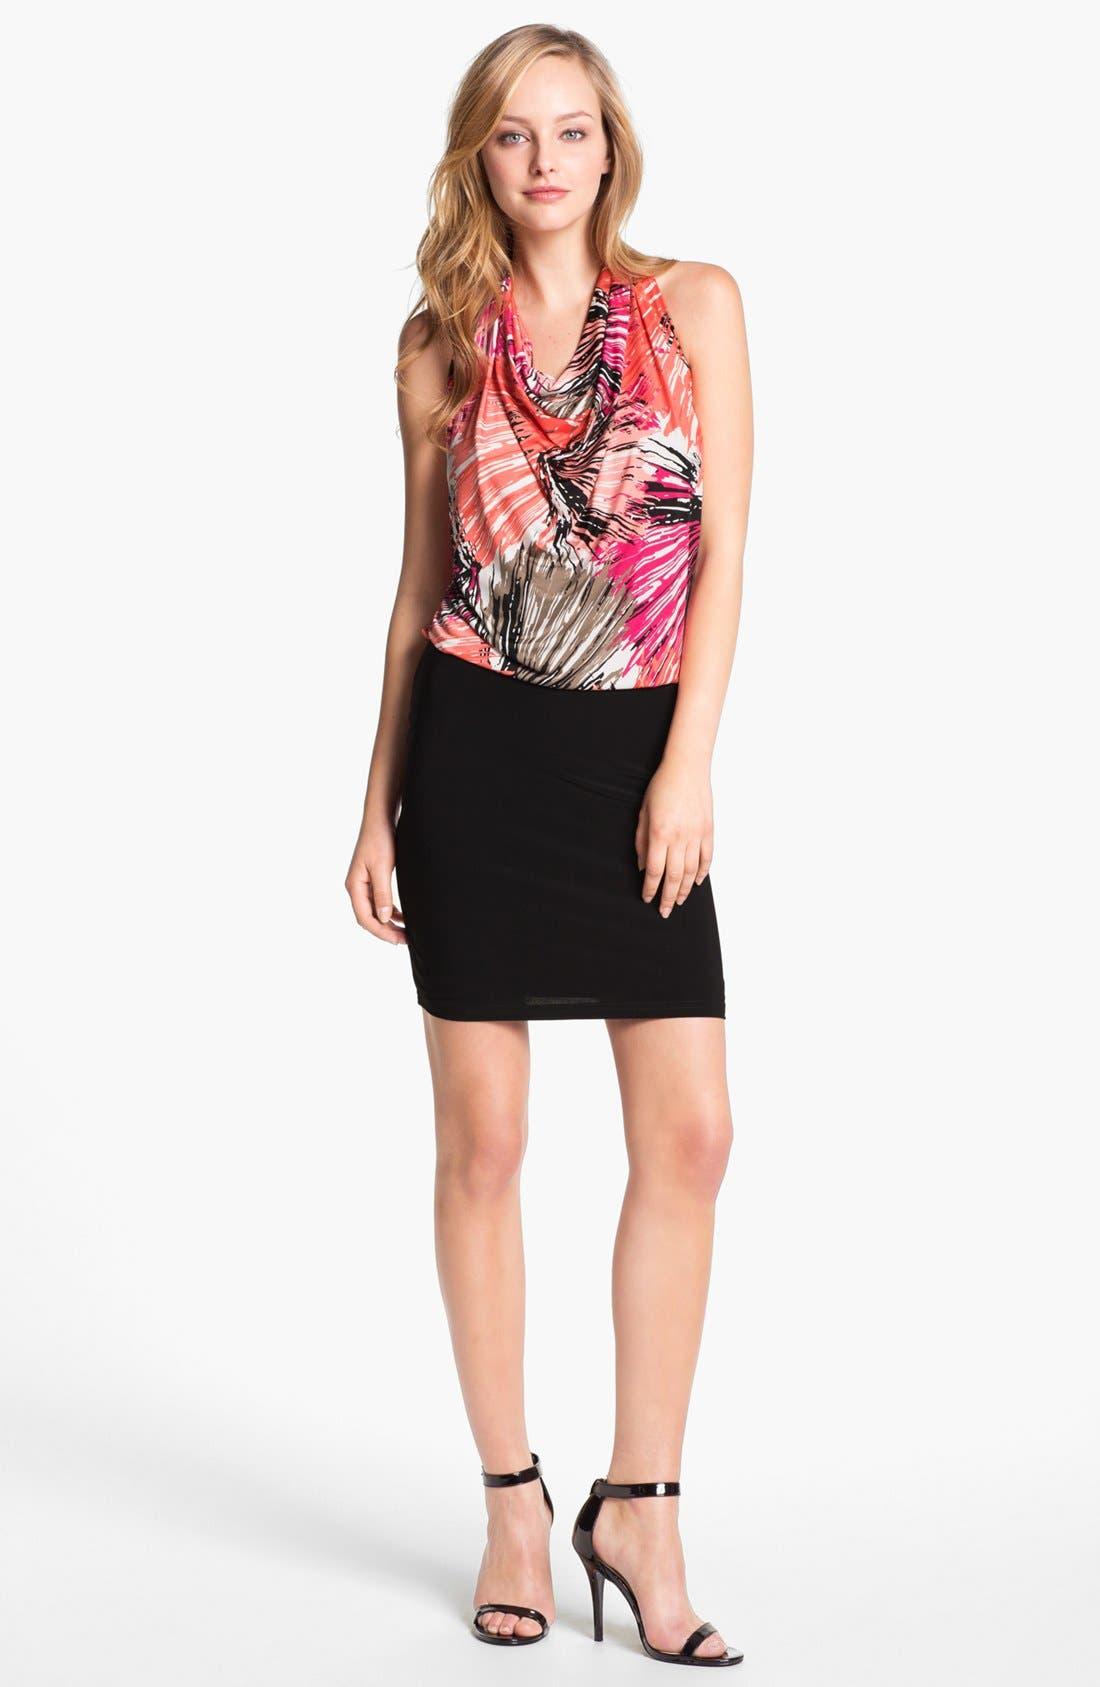 Alternate Image 1 Selected - Abi Ferrin 'Fantasia' Sleeveless Blouson Dress